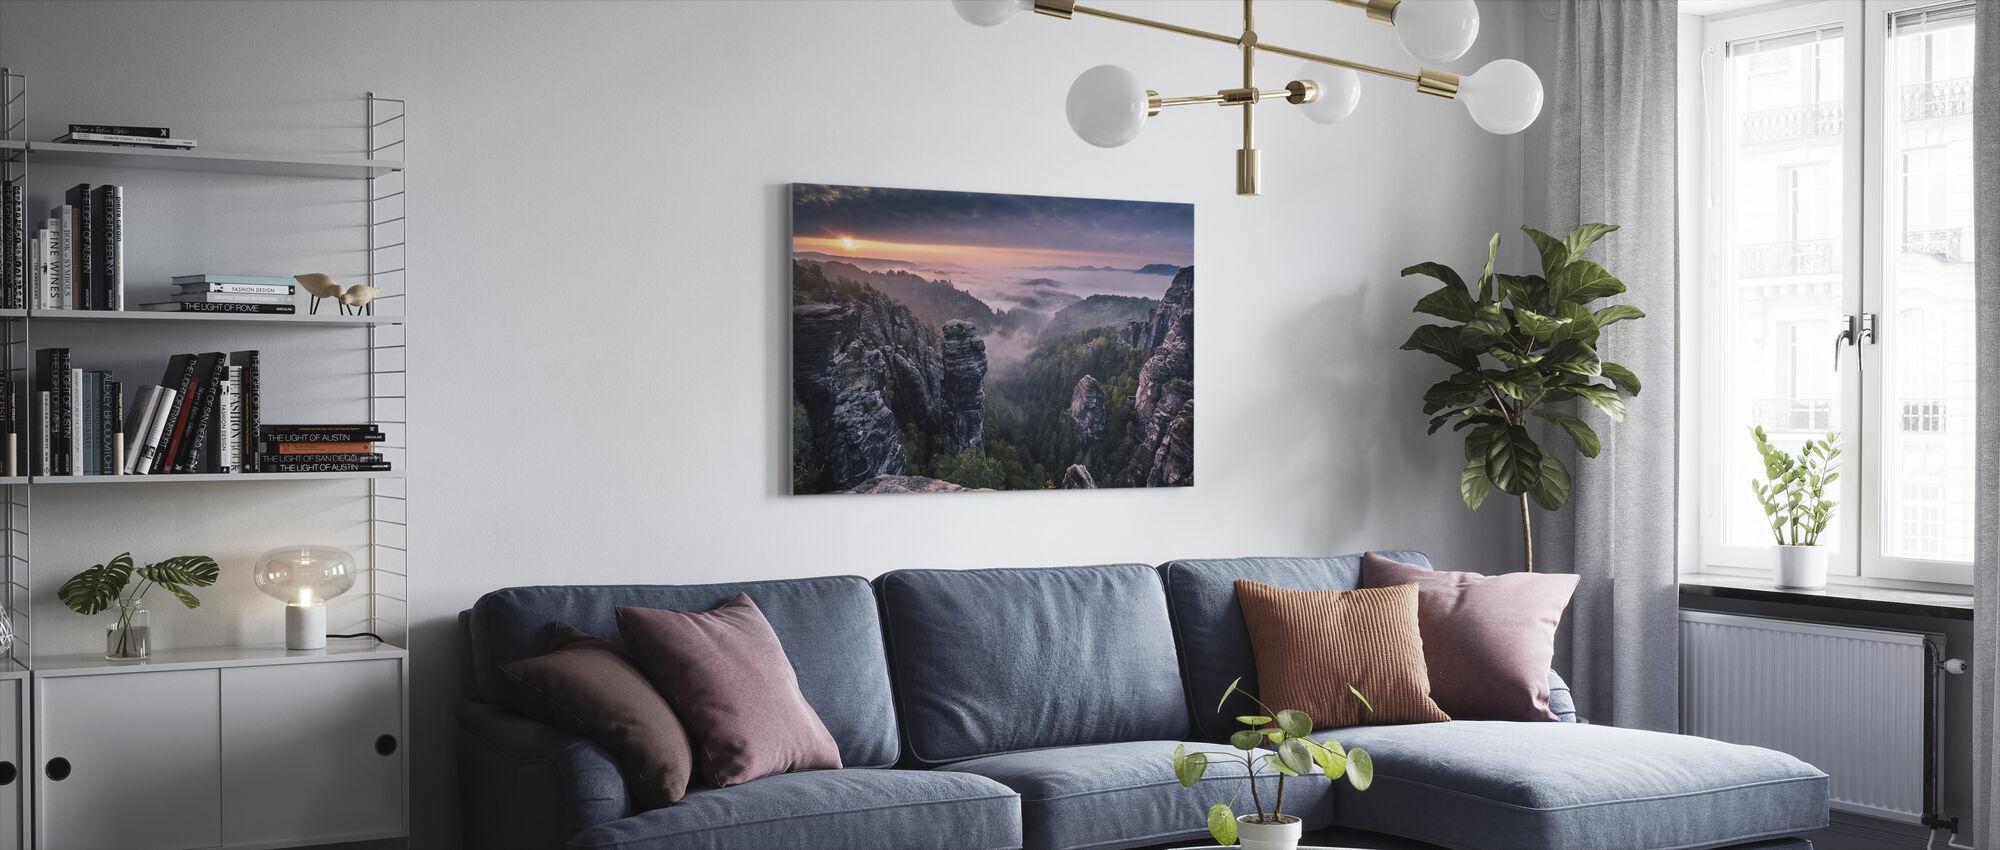 Soluppgång på klipporna - Canvastavla - Vardagsrum